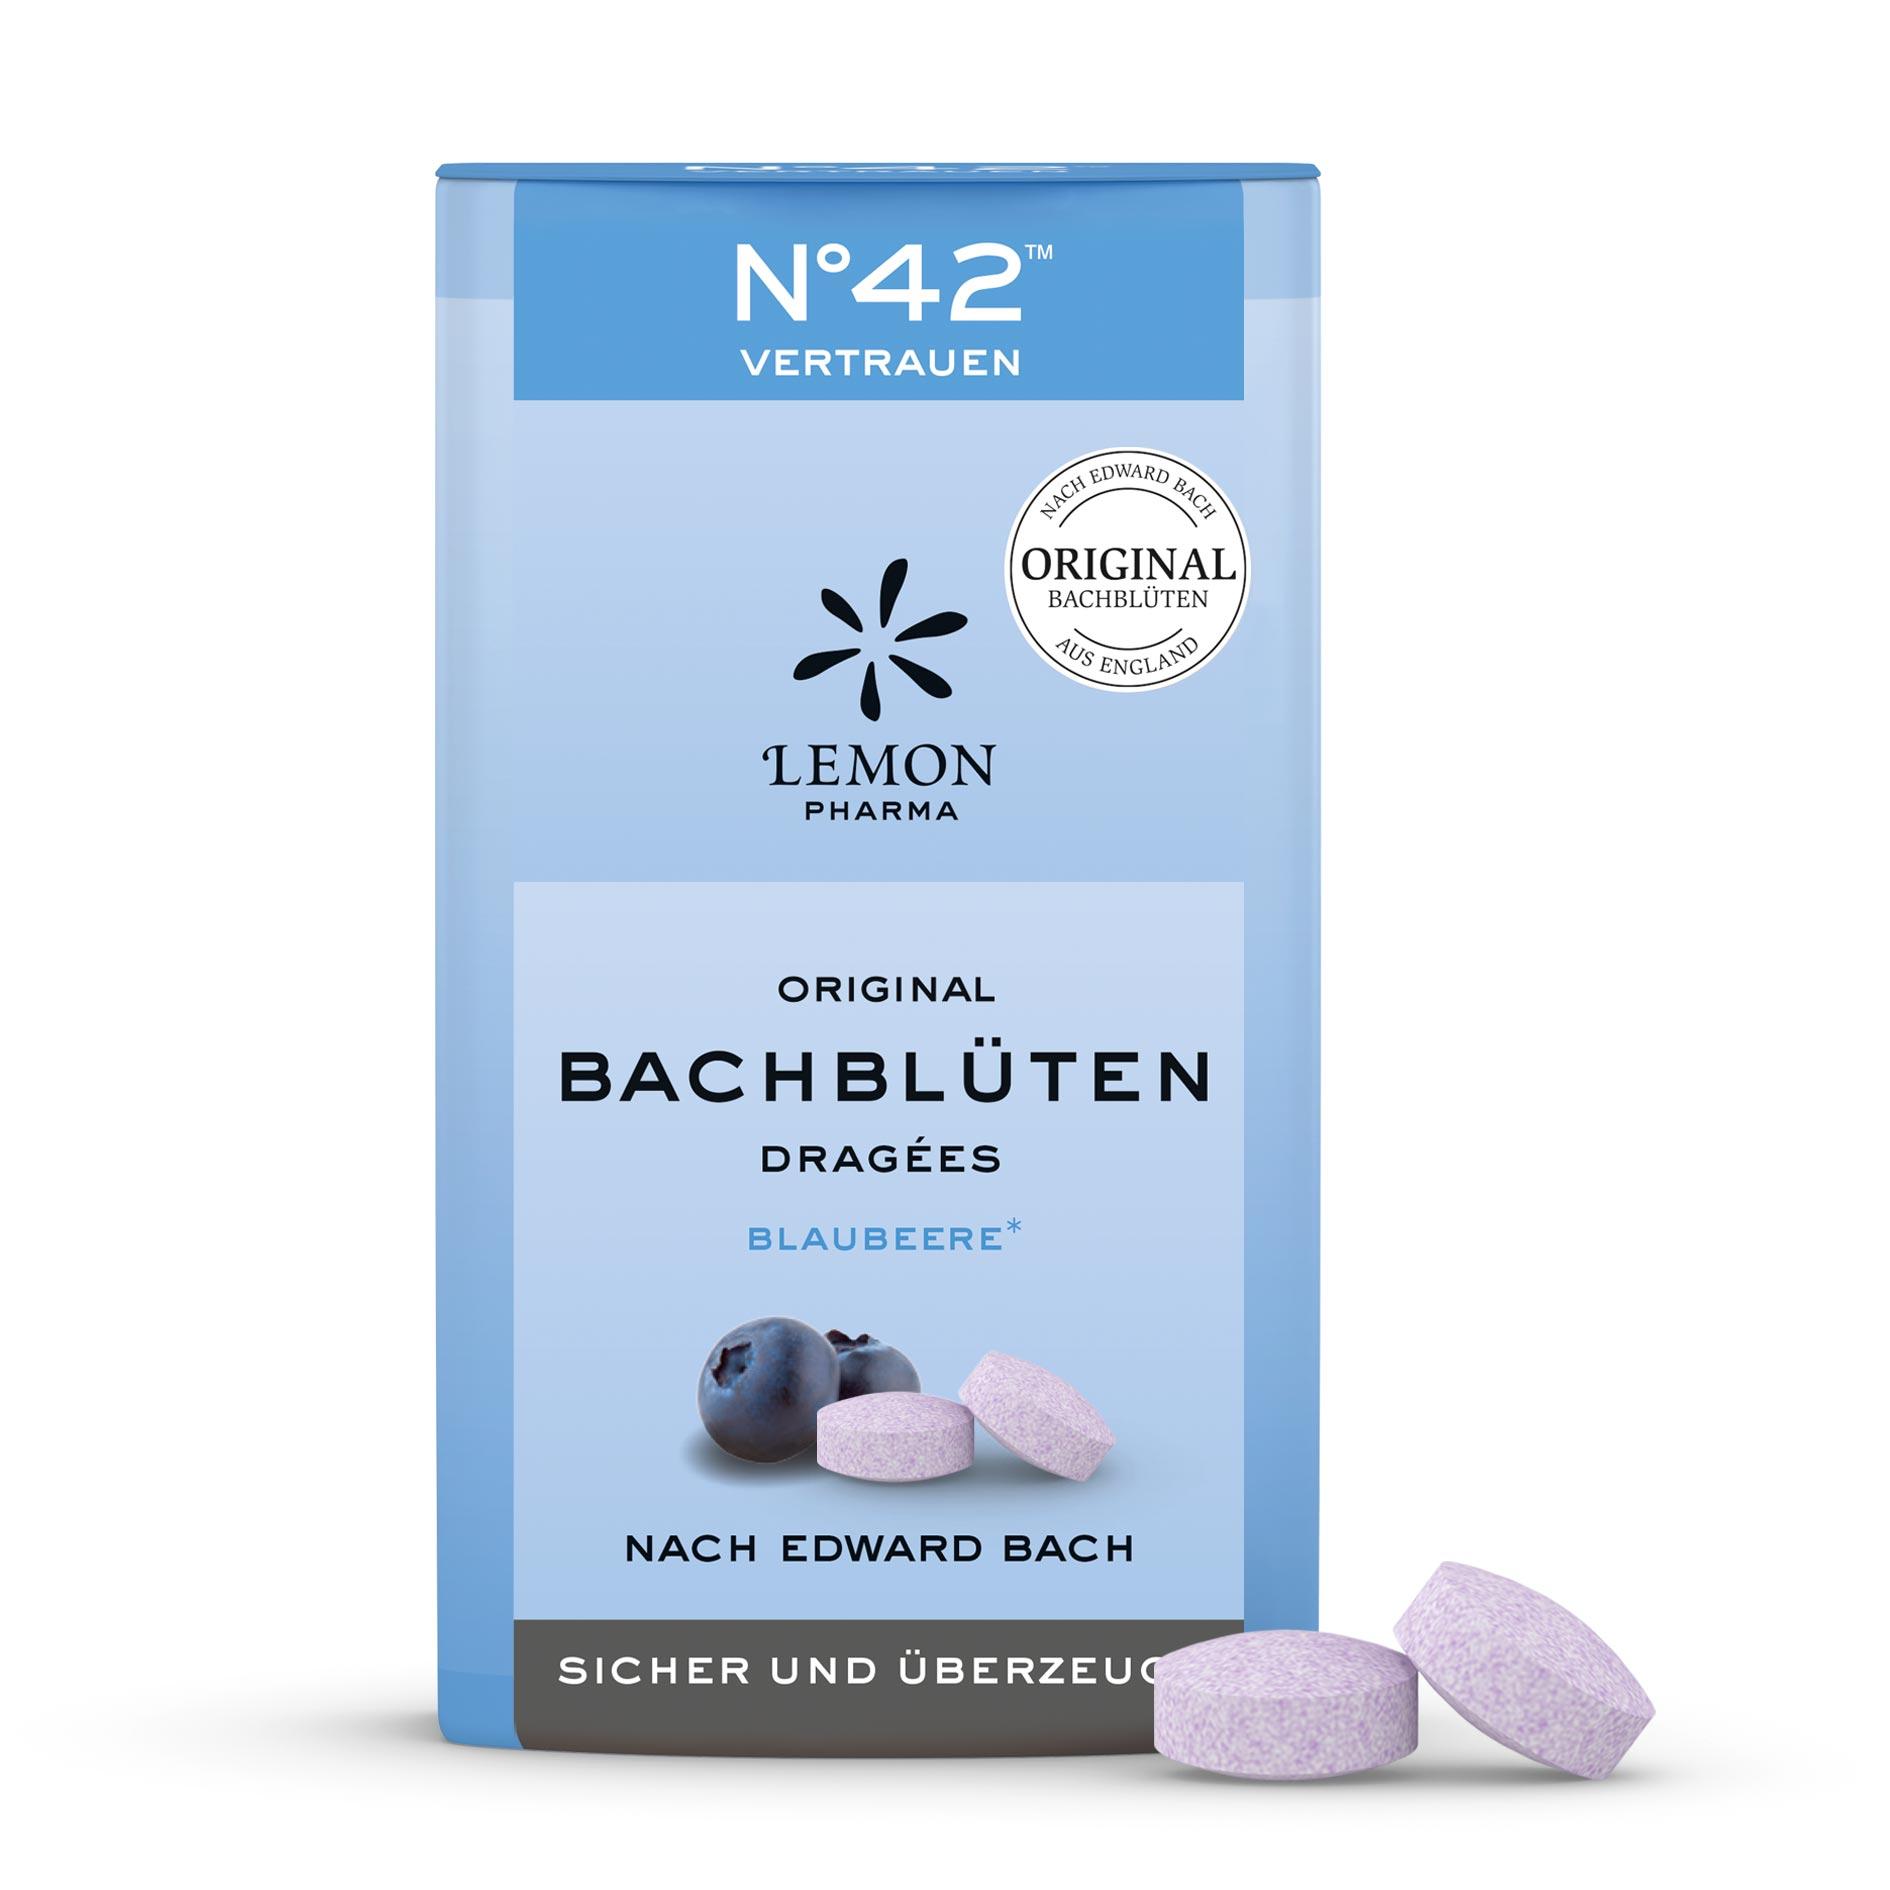 Fiori di Bach originali Lemon Pharma Nr 42 Fiducia confetti Sicuro e convinto mirtillo